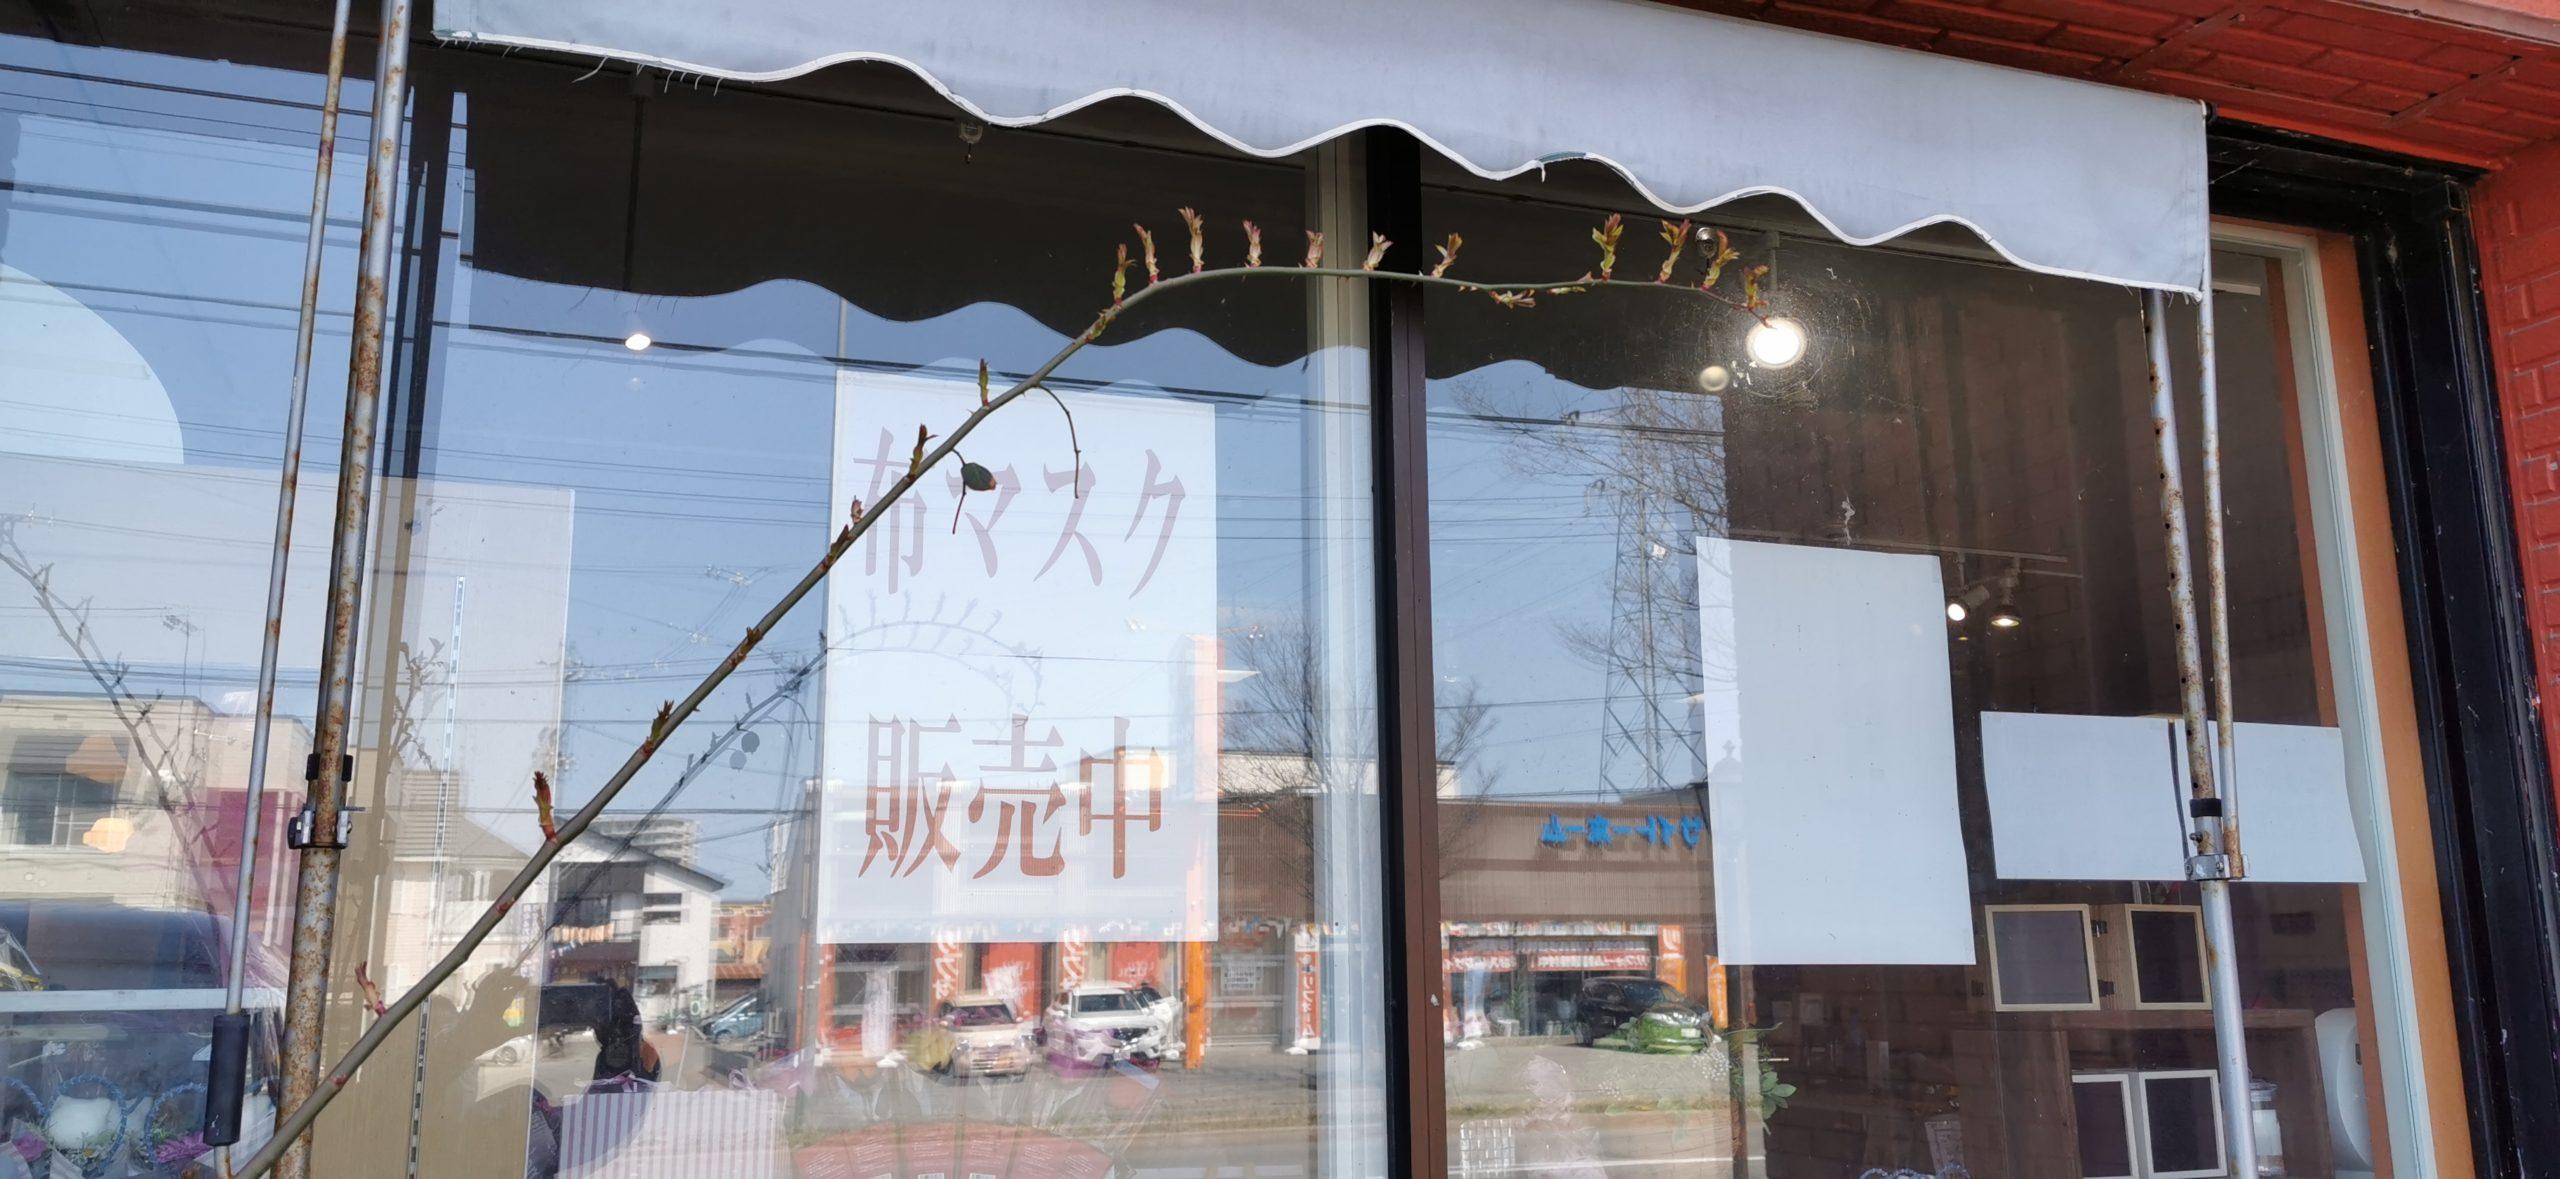 売っ マスク てる 市 ところ 青森 【ドンキホーテ入荷情報】マスク売ってる店舗どこ?在庫,時間,値段は